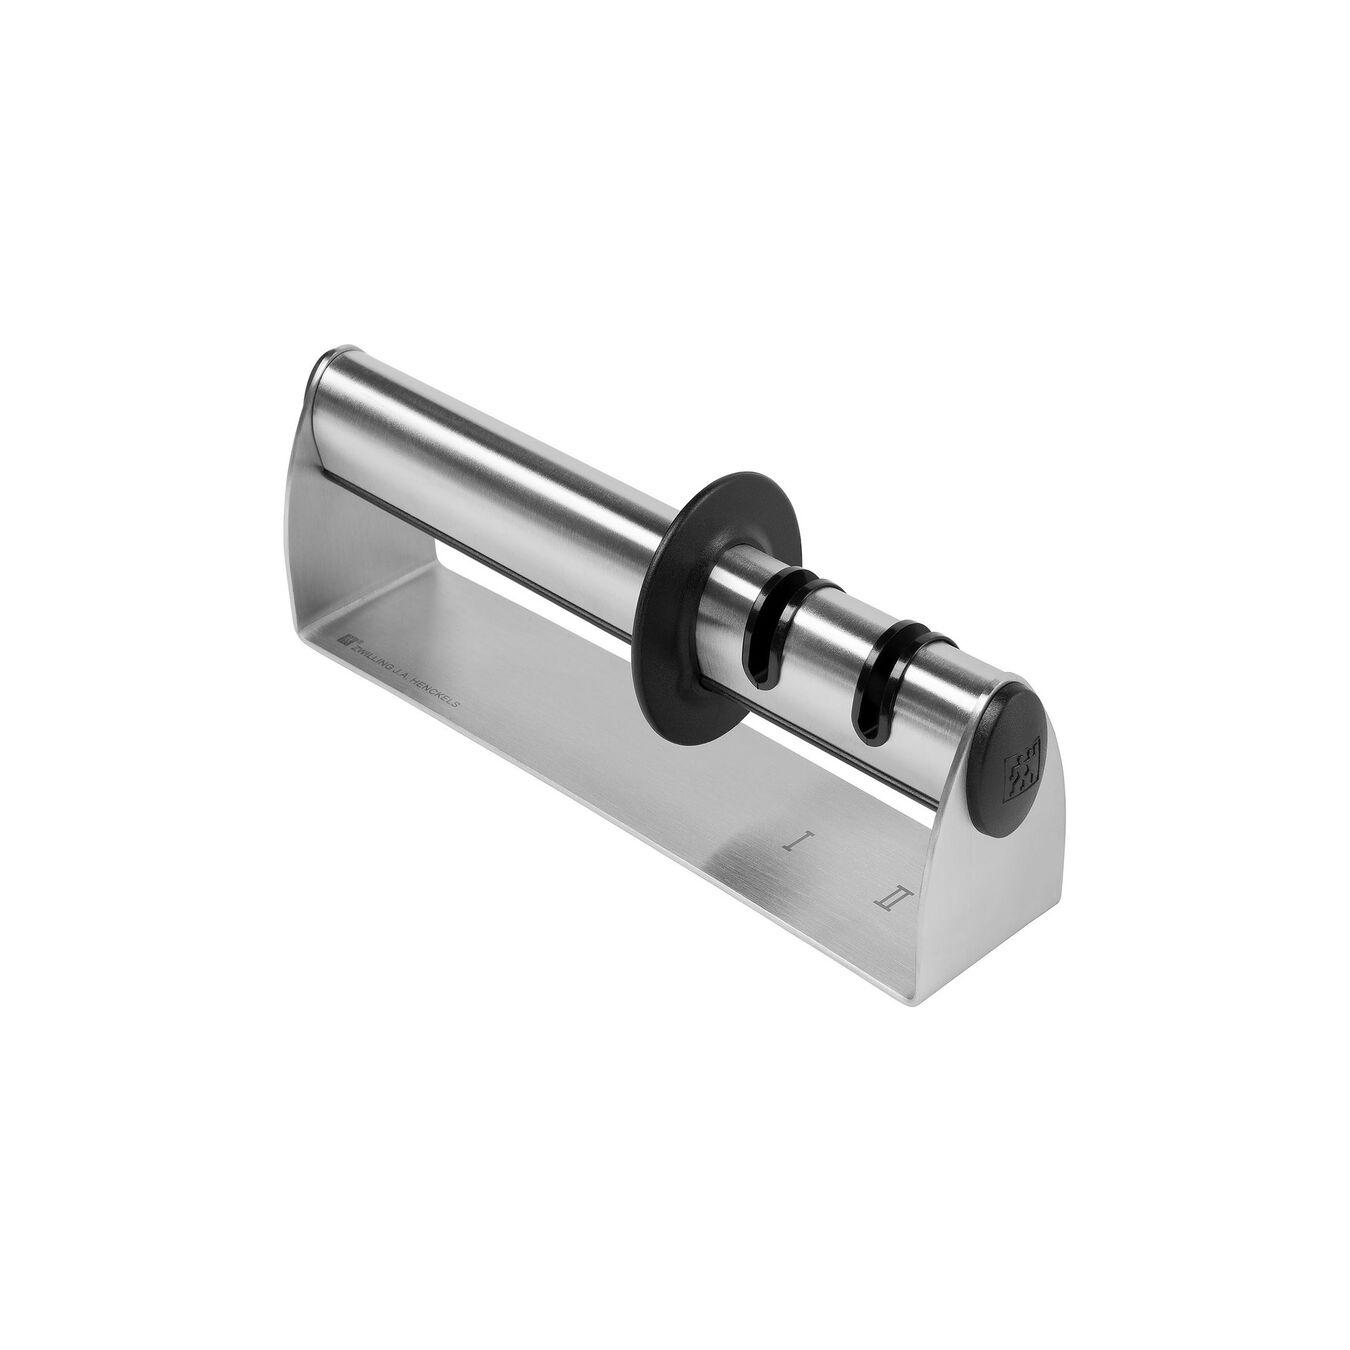 Amolador de facas Prata, Aço inoxidável,,large 4